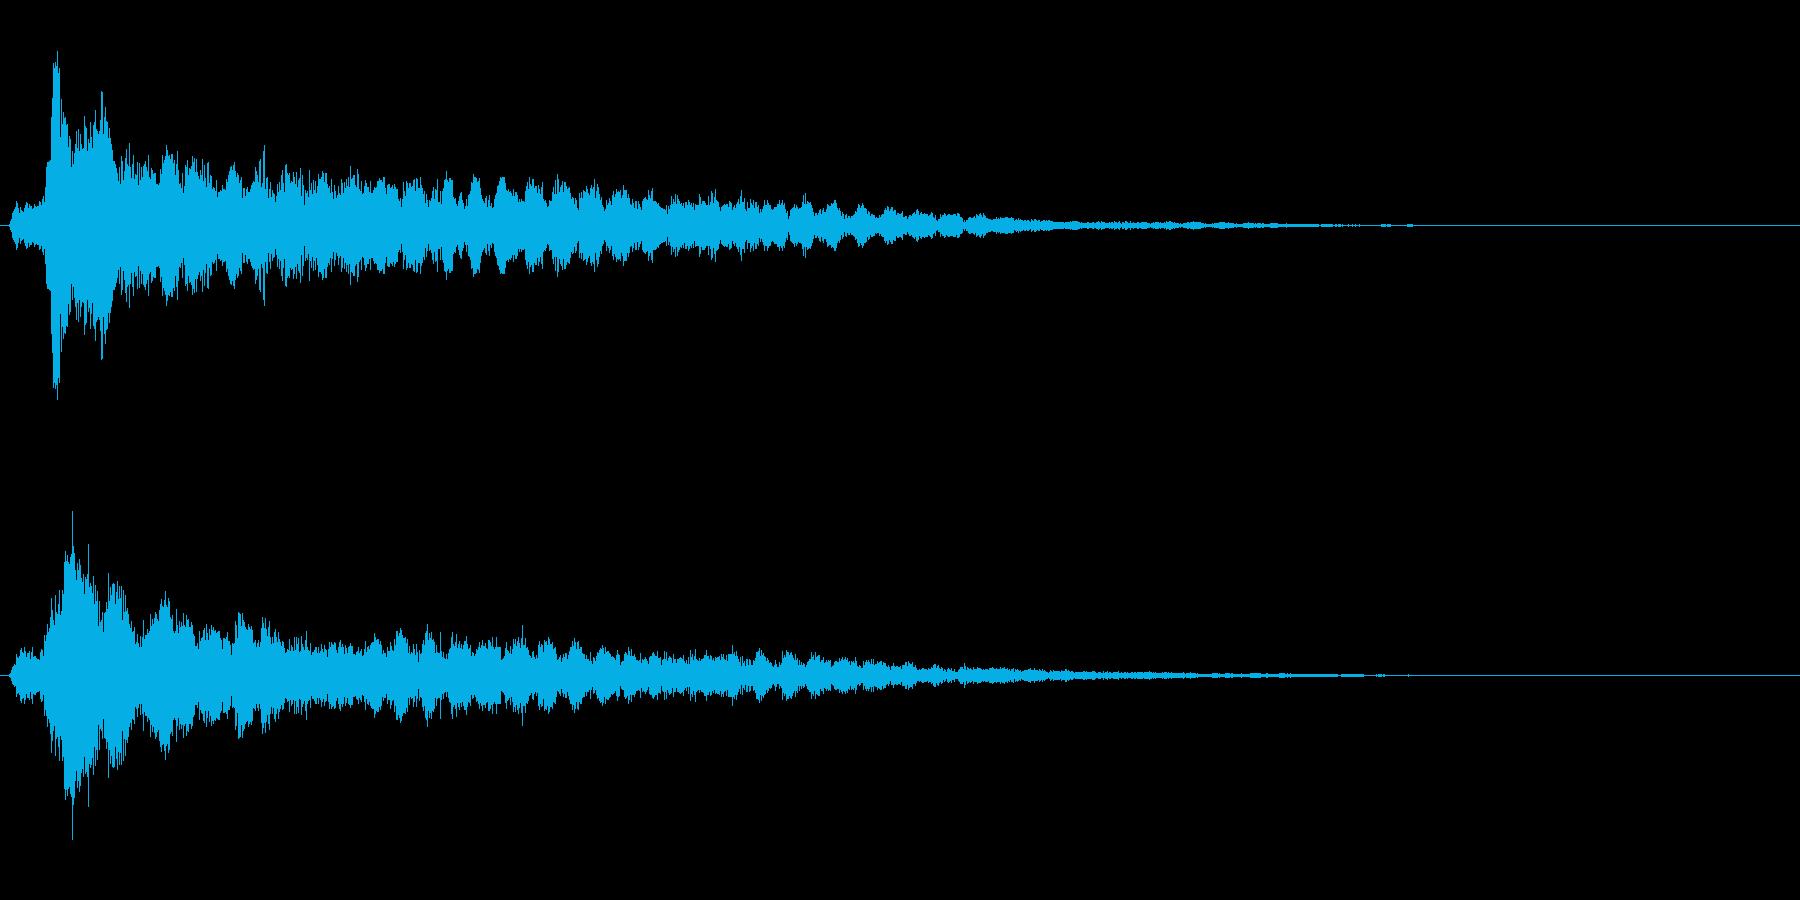 サスペンスに最適!ピアノの弦を弄ぶ音34の再生済みの波形